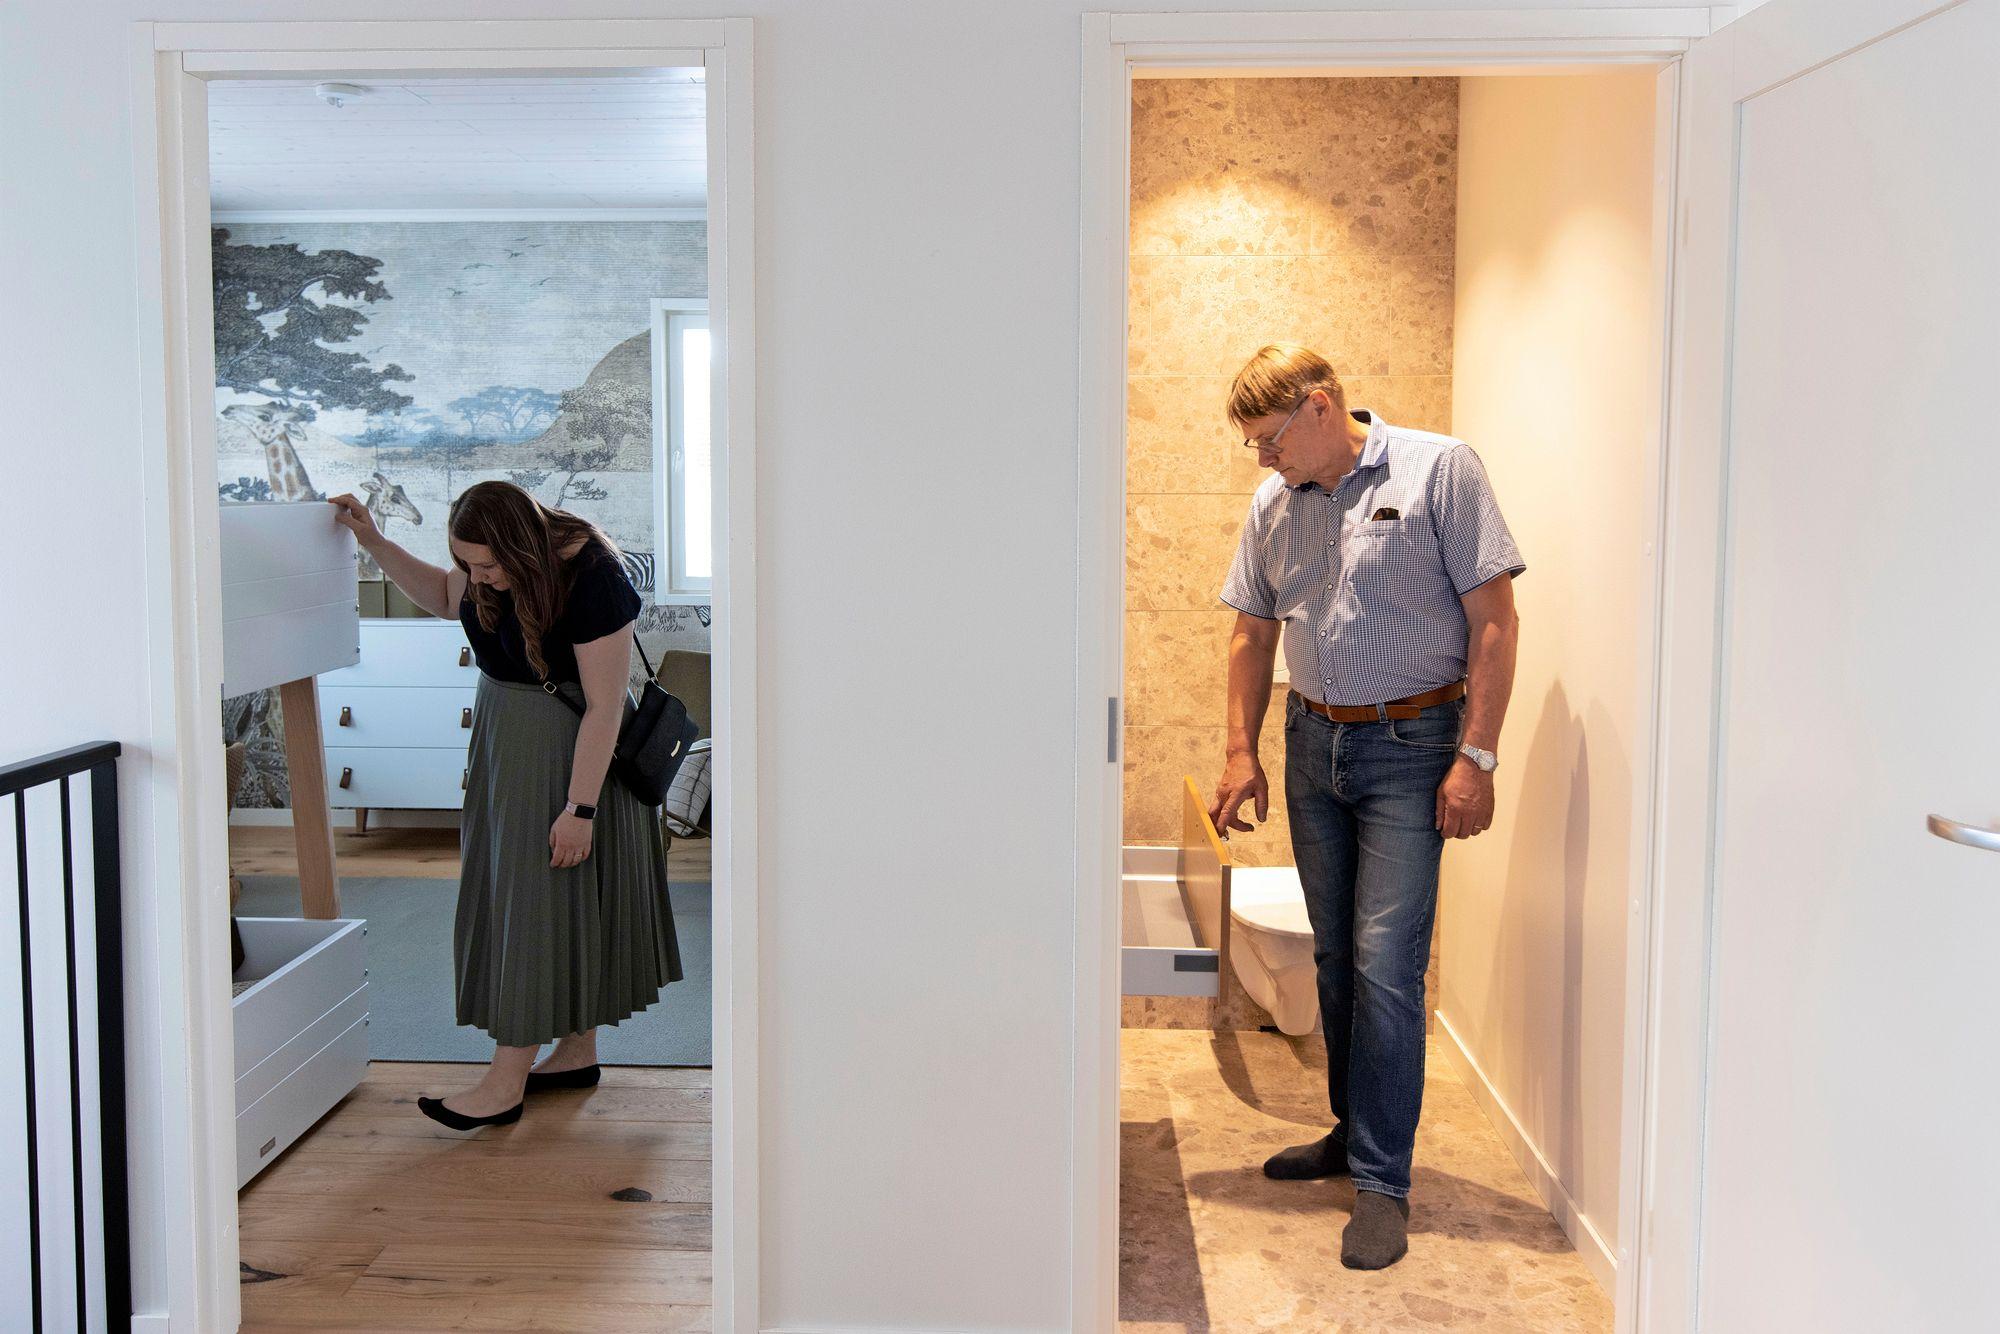 Anniina miettii ideoita uuteen kotiin, mutta isä Unto pohdiskelee vanhan kylppärinsä uusimista. © Tommi Tuomi